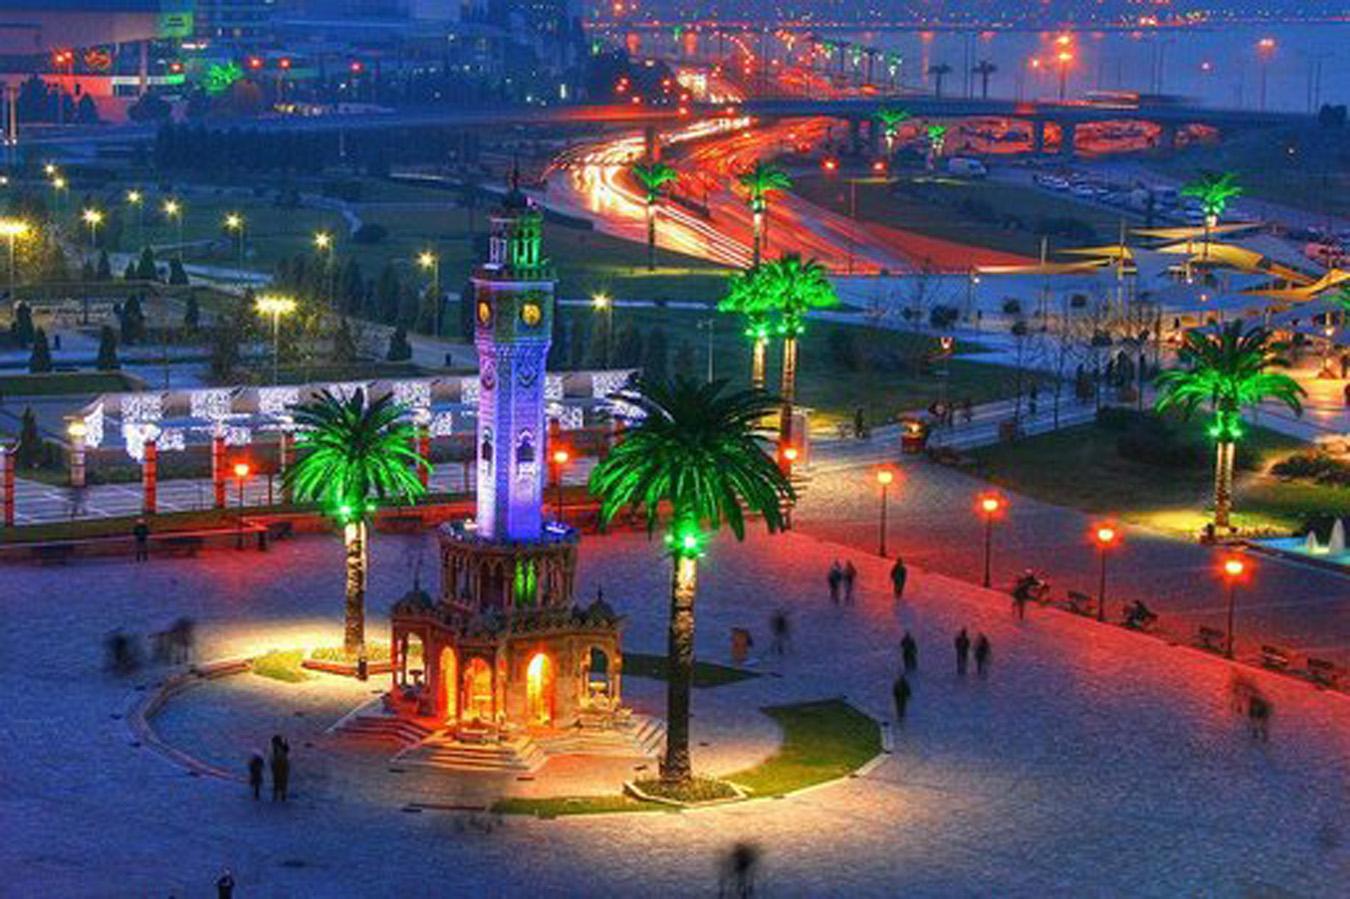 İzmir'i yaşayın diye